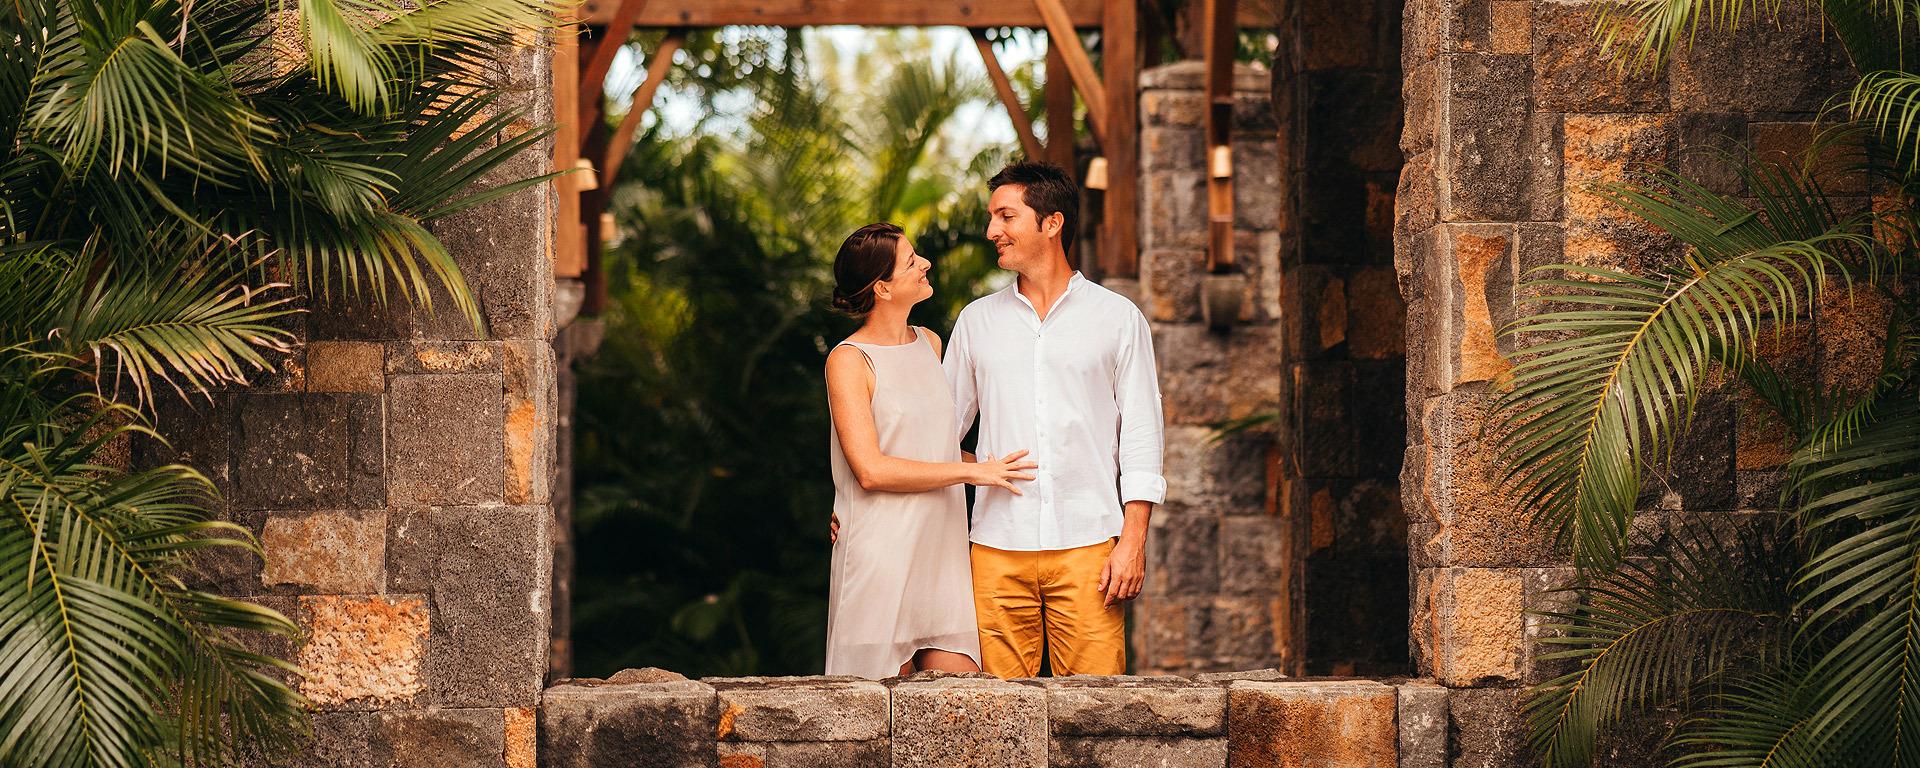 royal plam beachcomber honeymoon mauritius